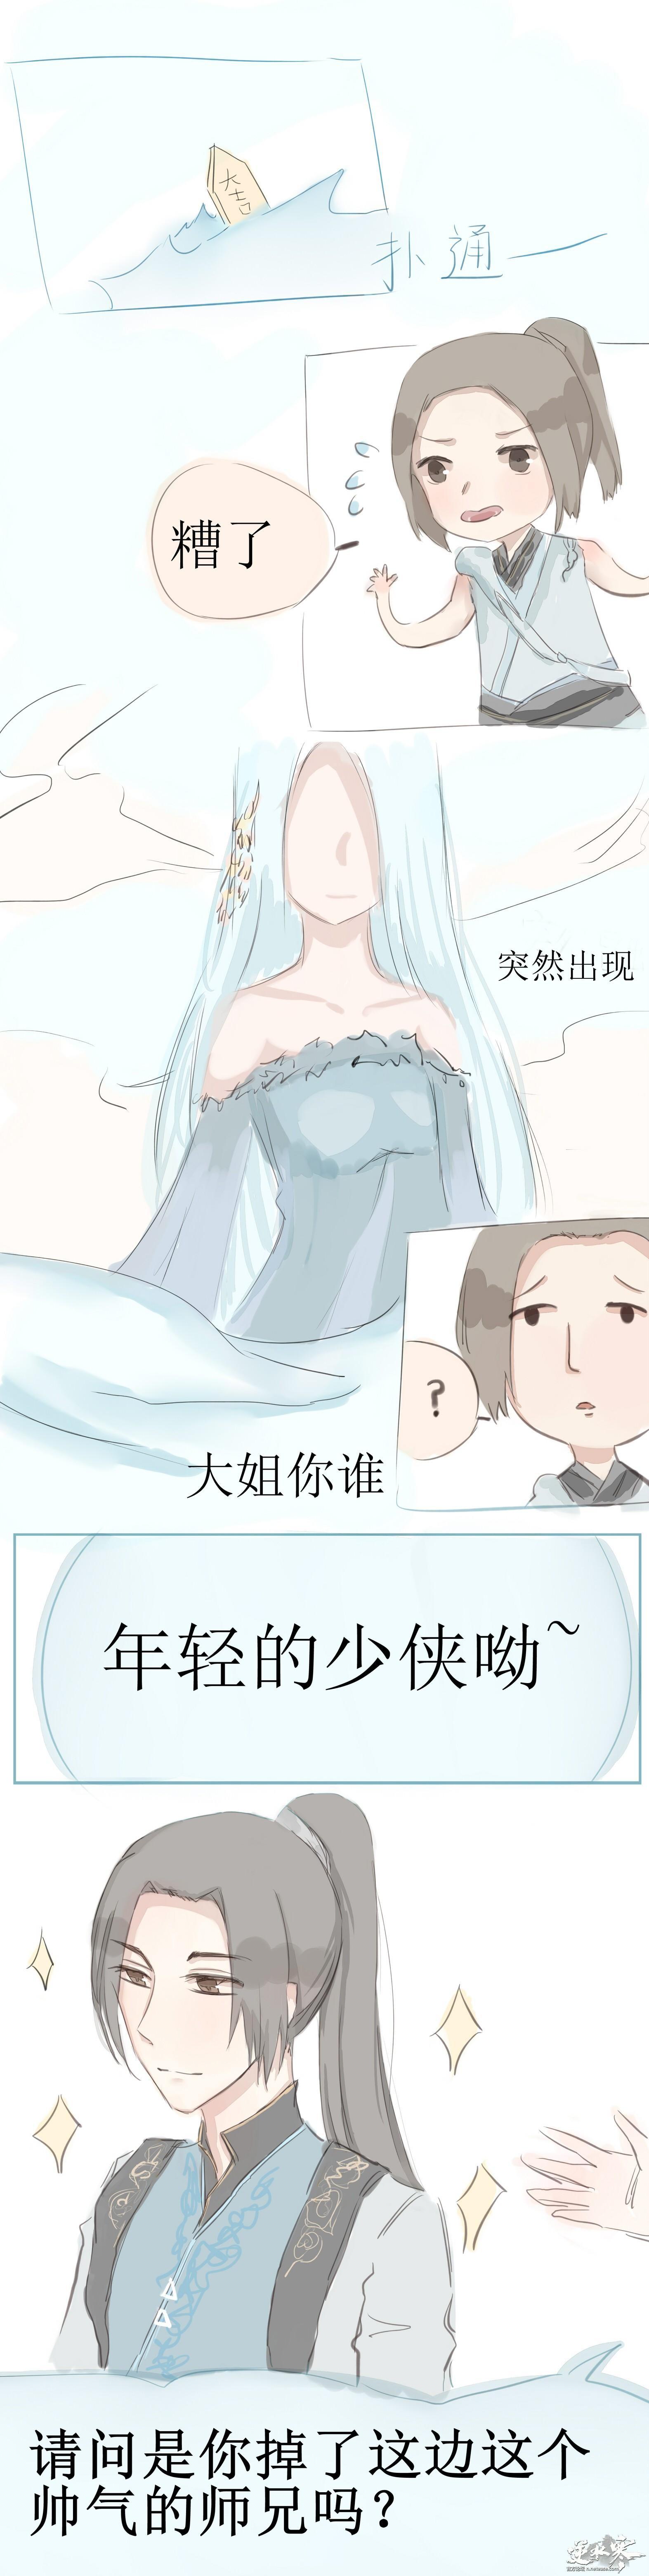 【自在门】[手绘条漫]少侠你是掉了这个师兄还是那个师姐(~ ̄x ̄)~